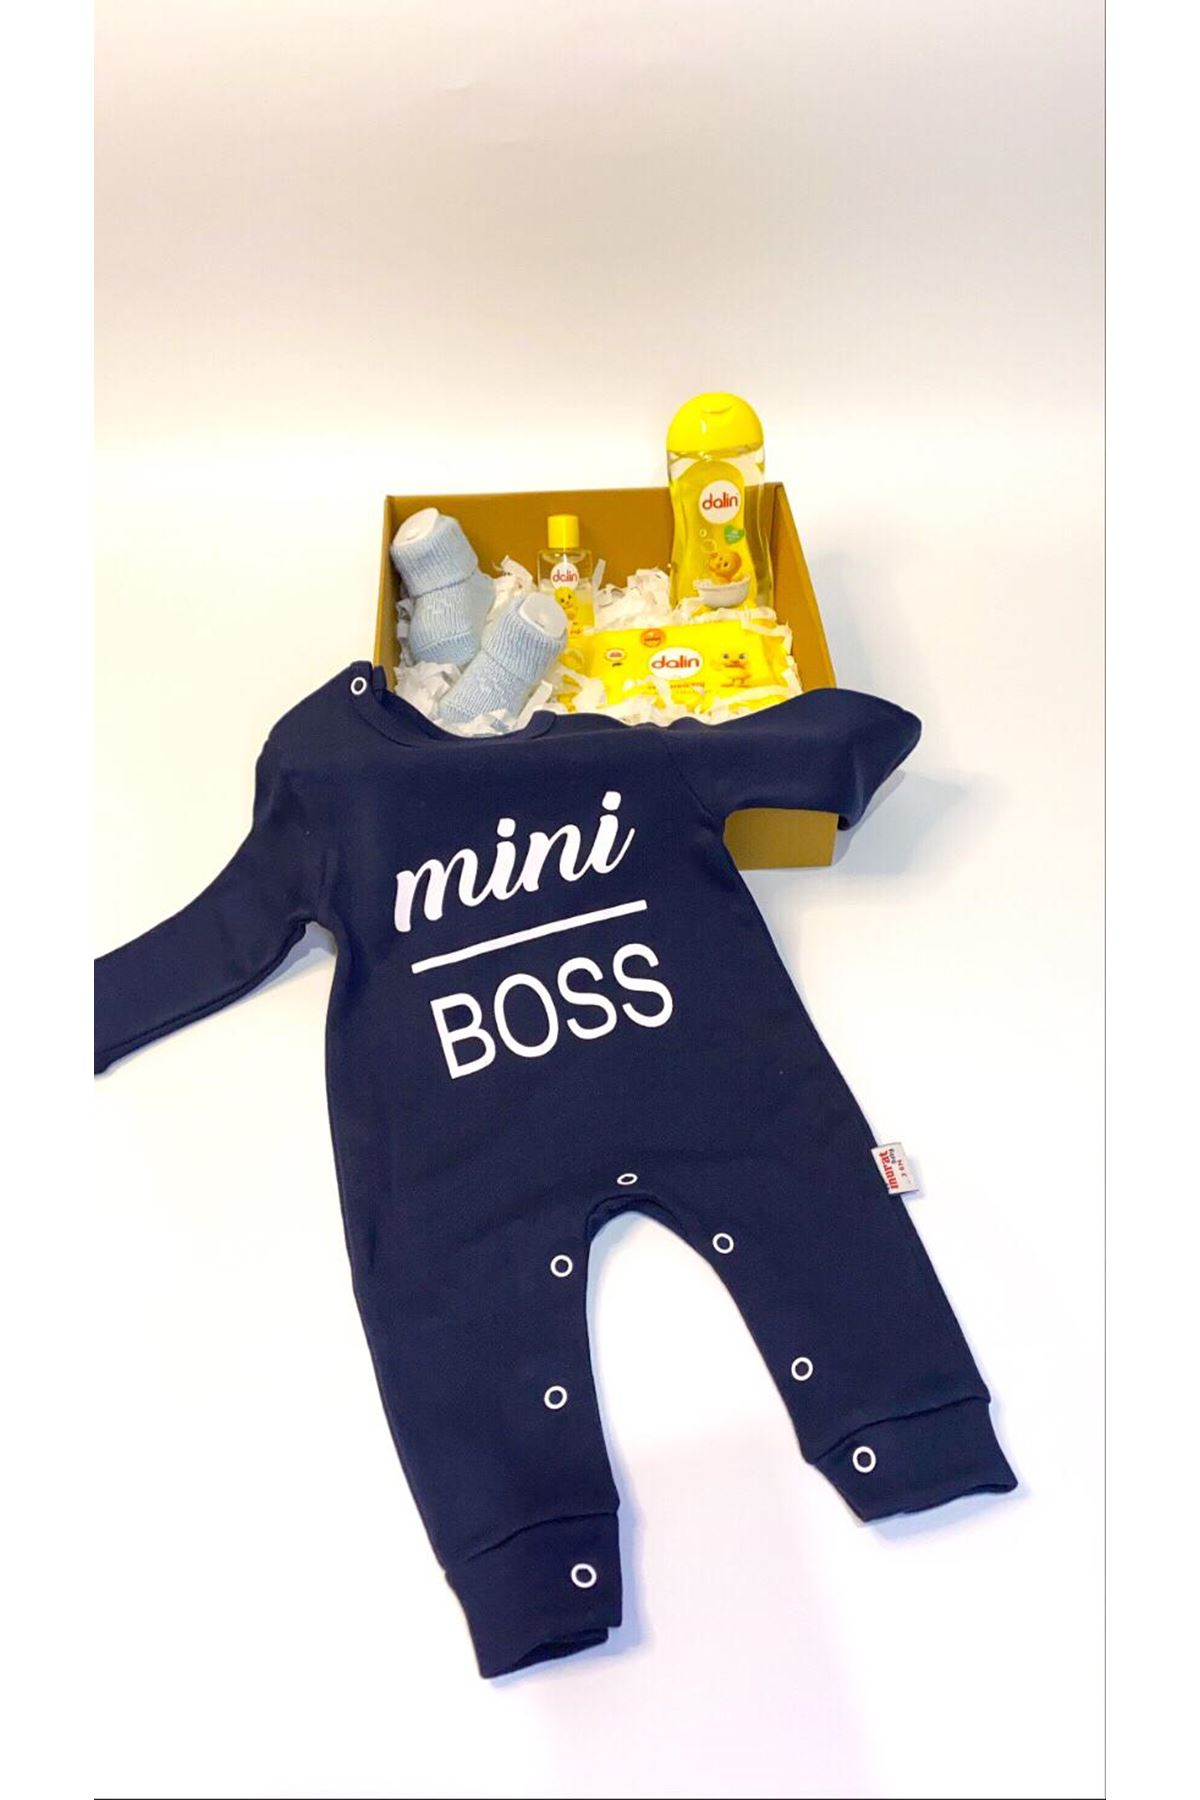 Dalinli ve Mini Boss (Minik Patron) Bebek Tulumu Lacivert Bebek Hediye Kutusu